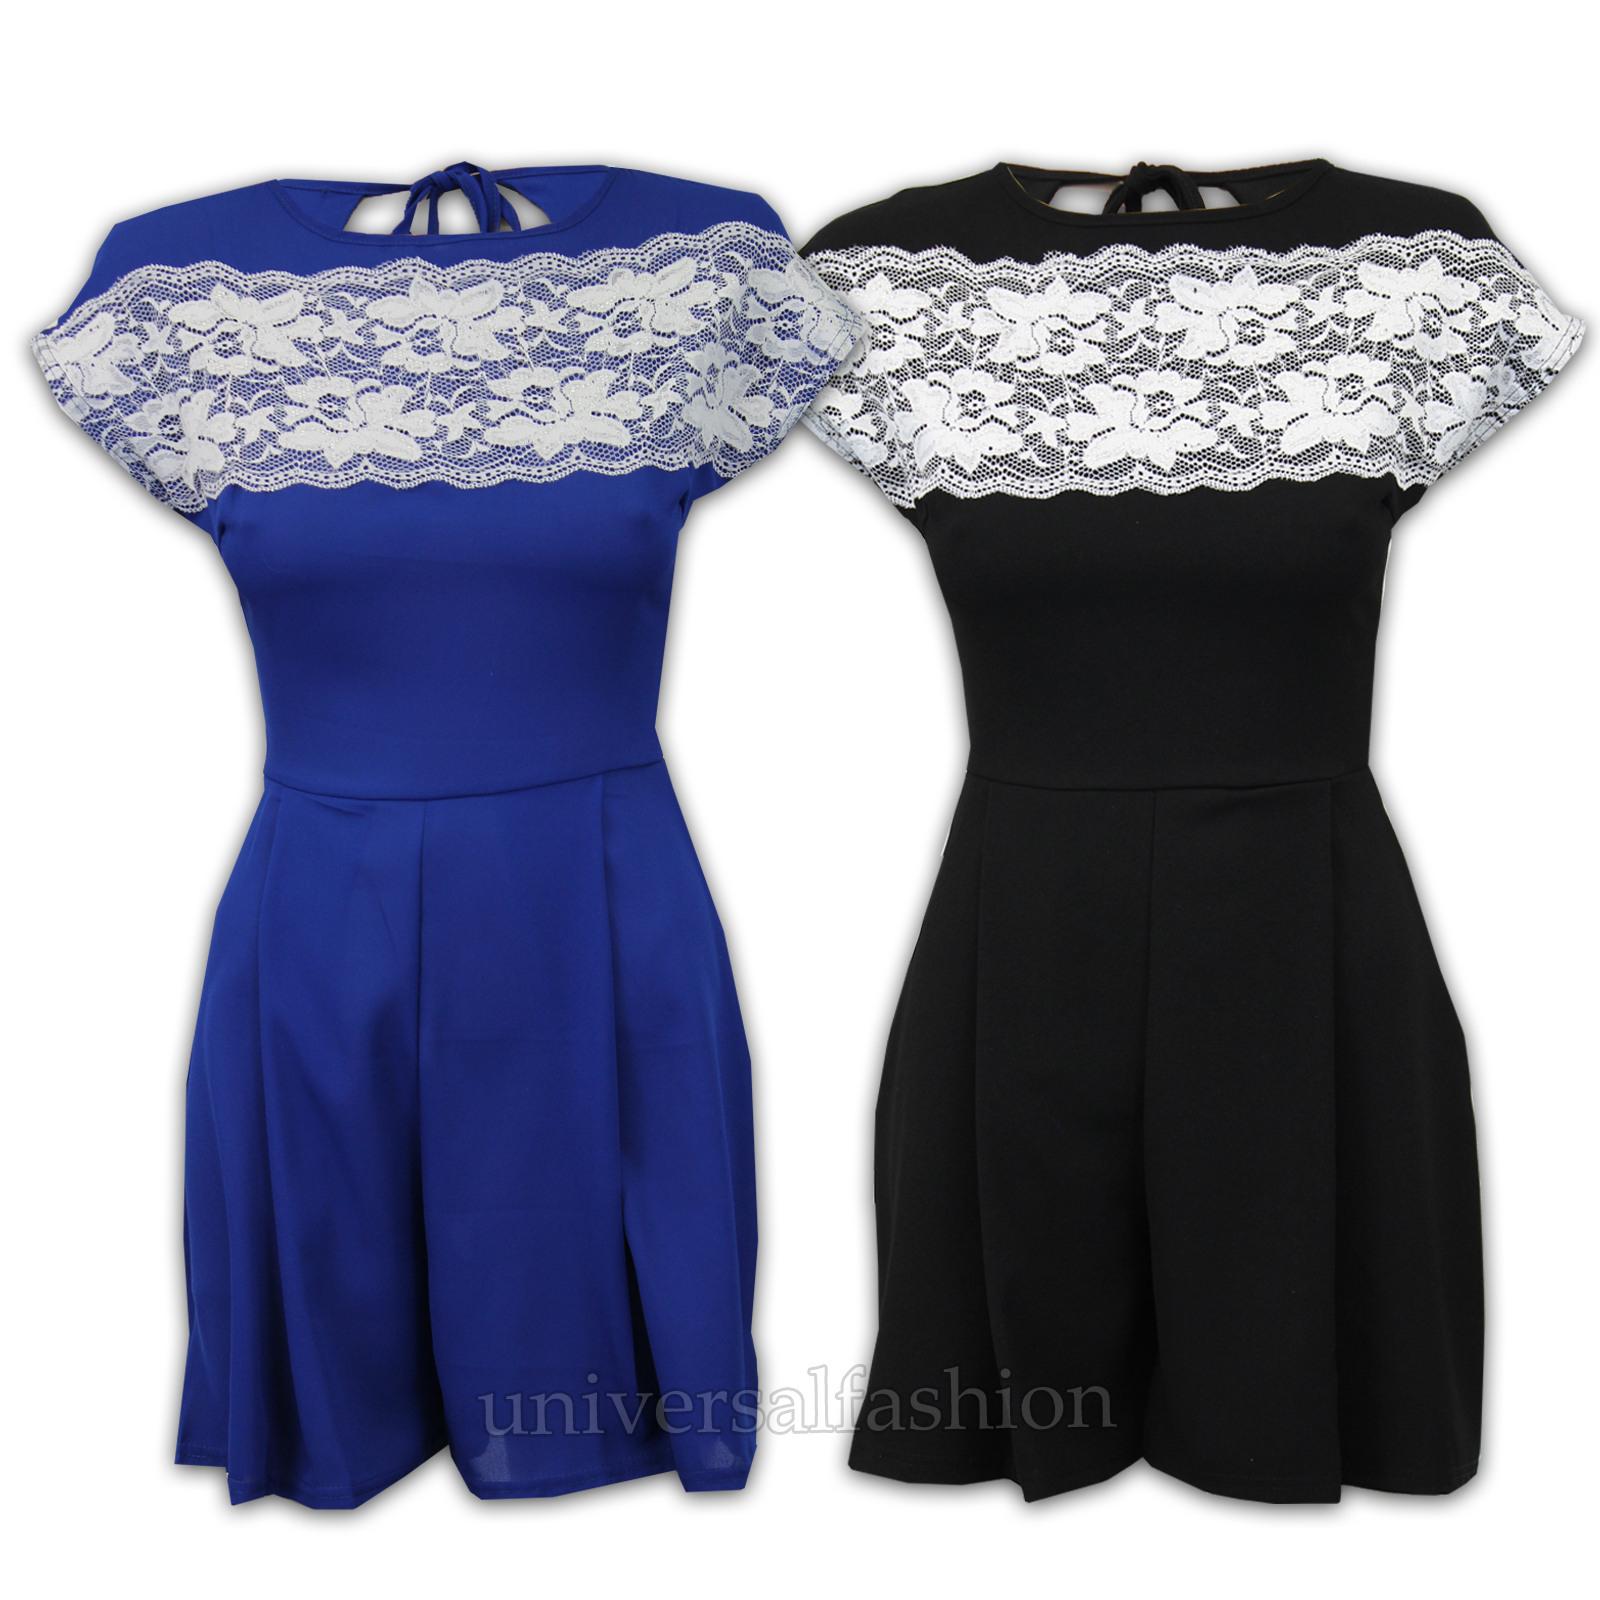 10 Ausgezeichnet Kleid Damen Kurz für 201920 Wunderbar Kleid Damen Kurz Bester Preis